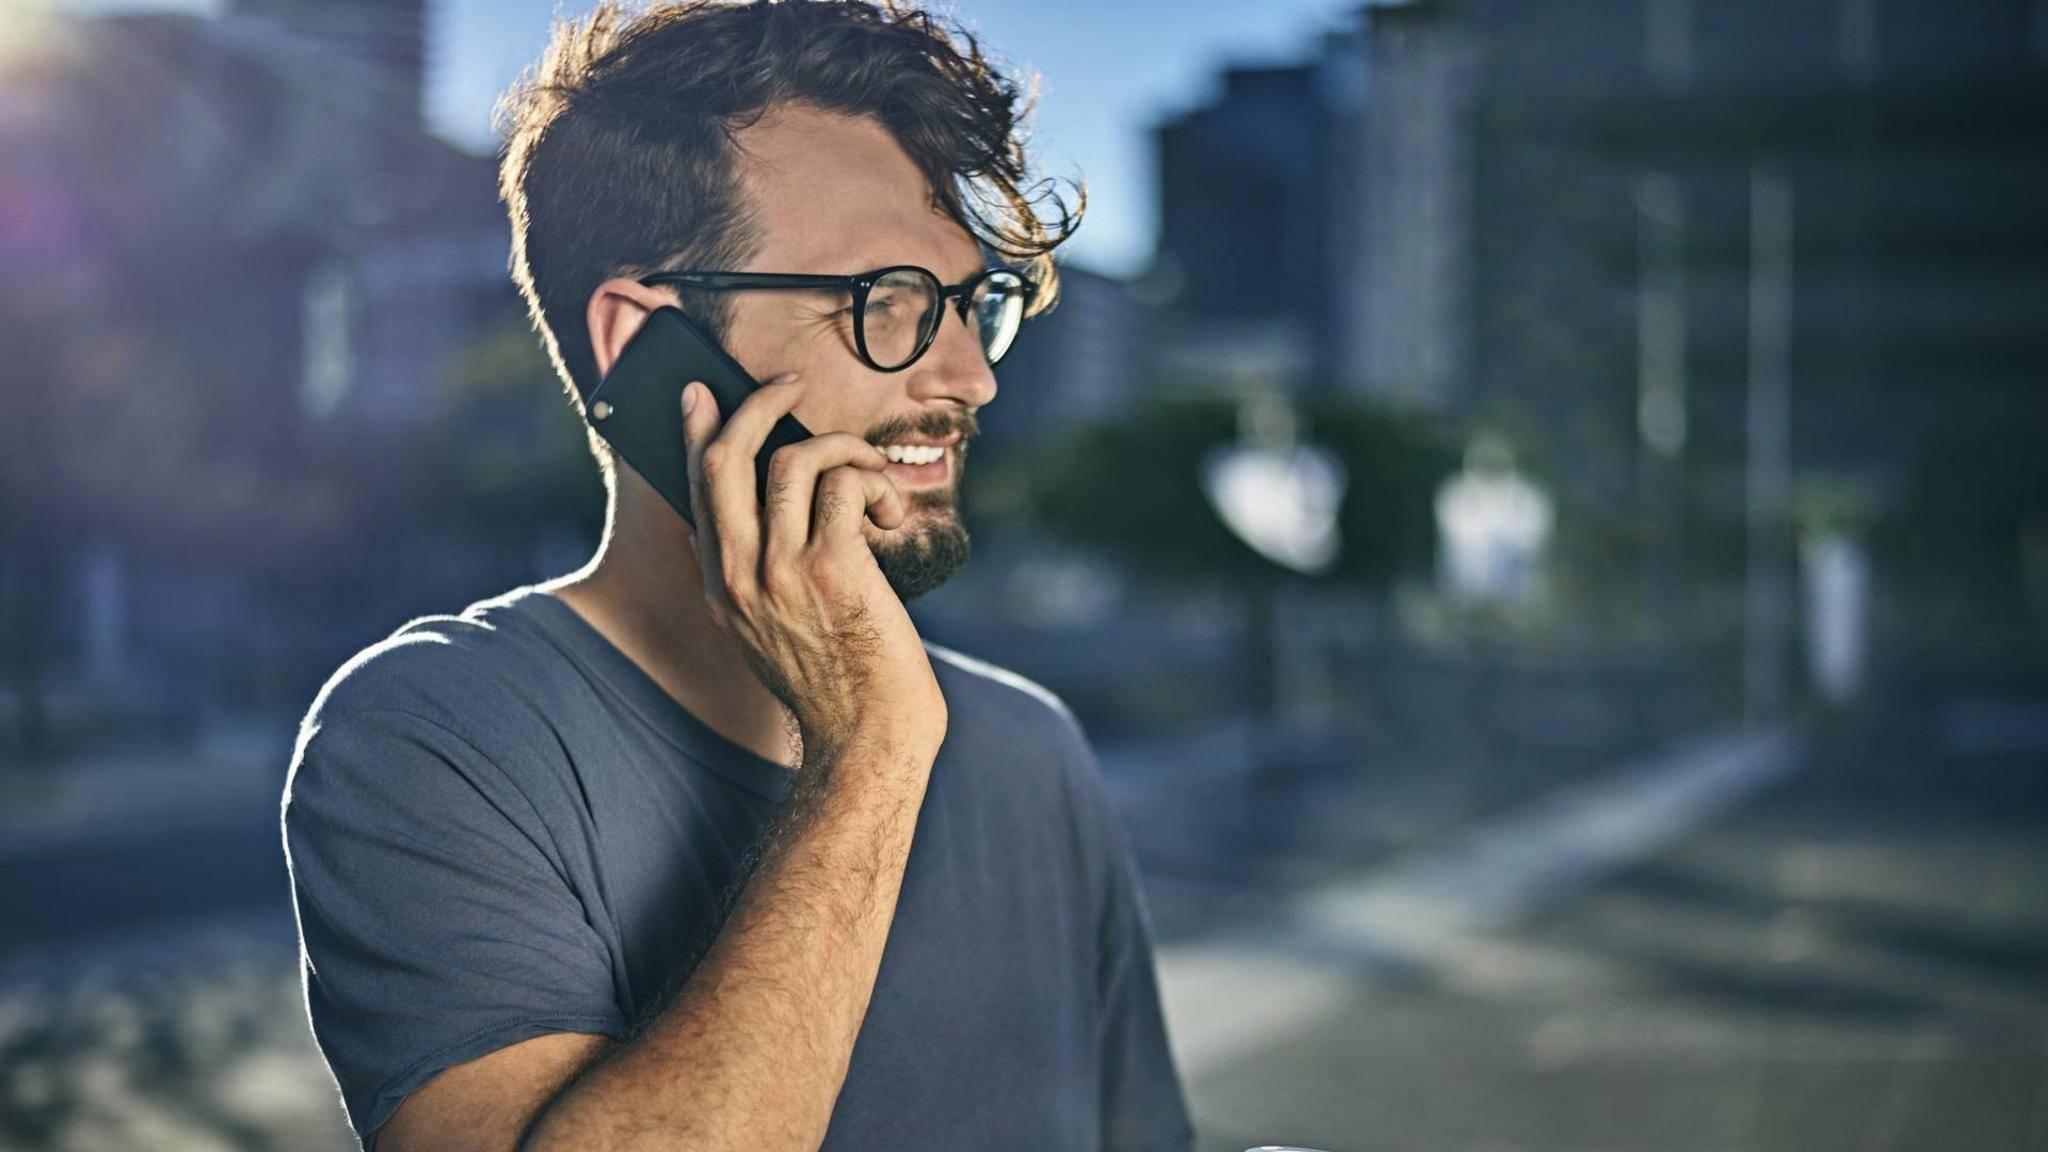 WiFi Calling ermöglicht das Telefonieren ohne Mobilfunkverbindung.